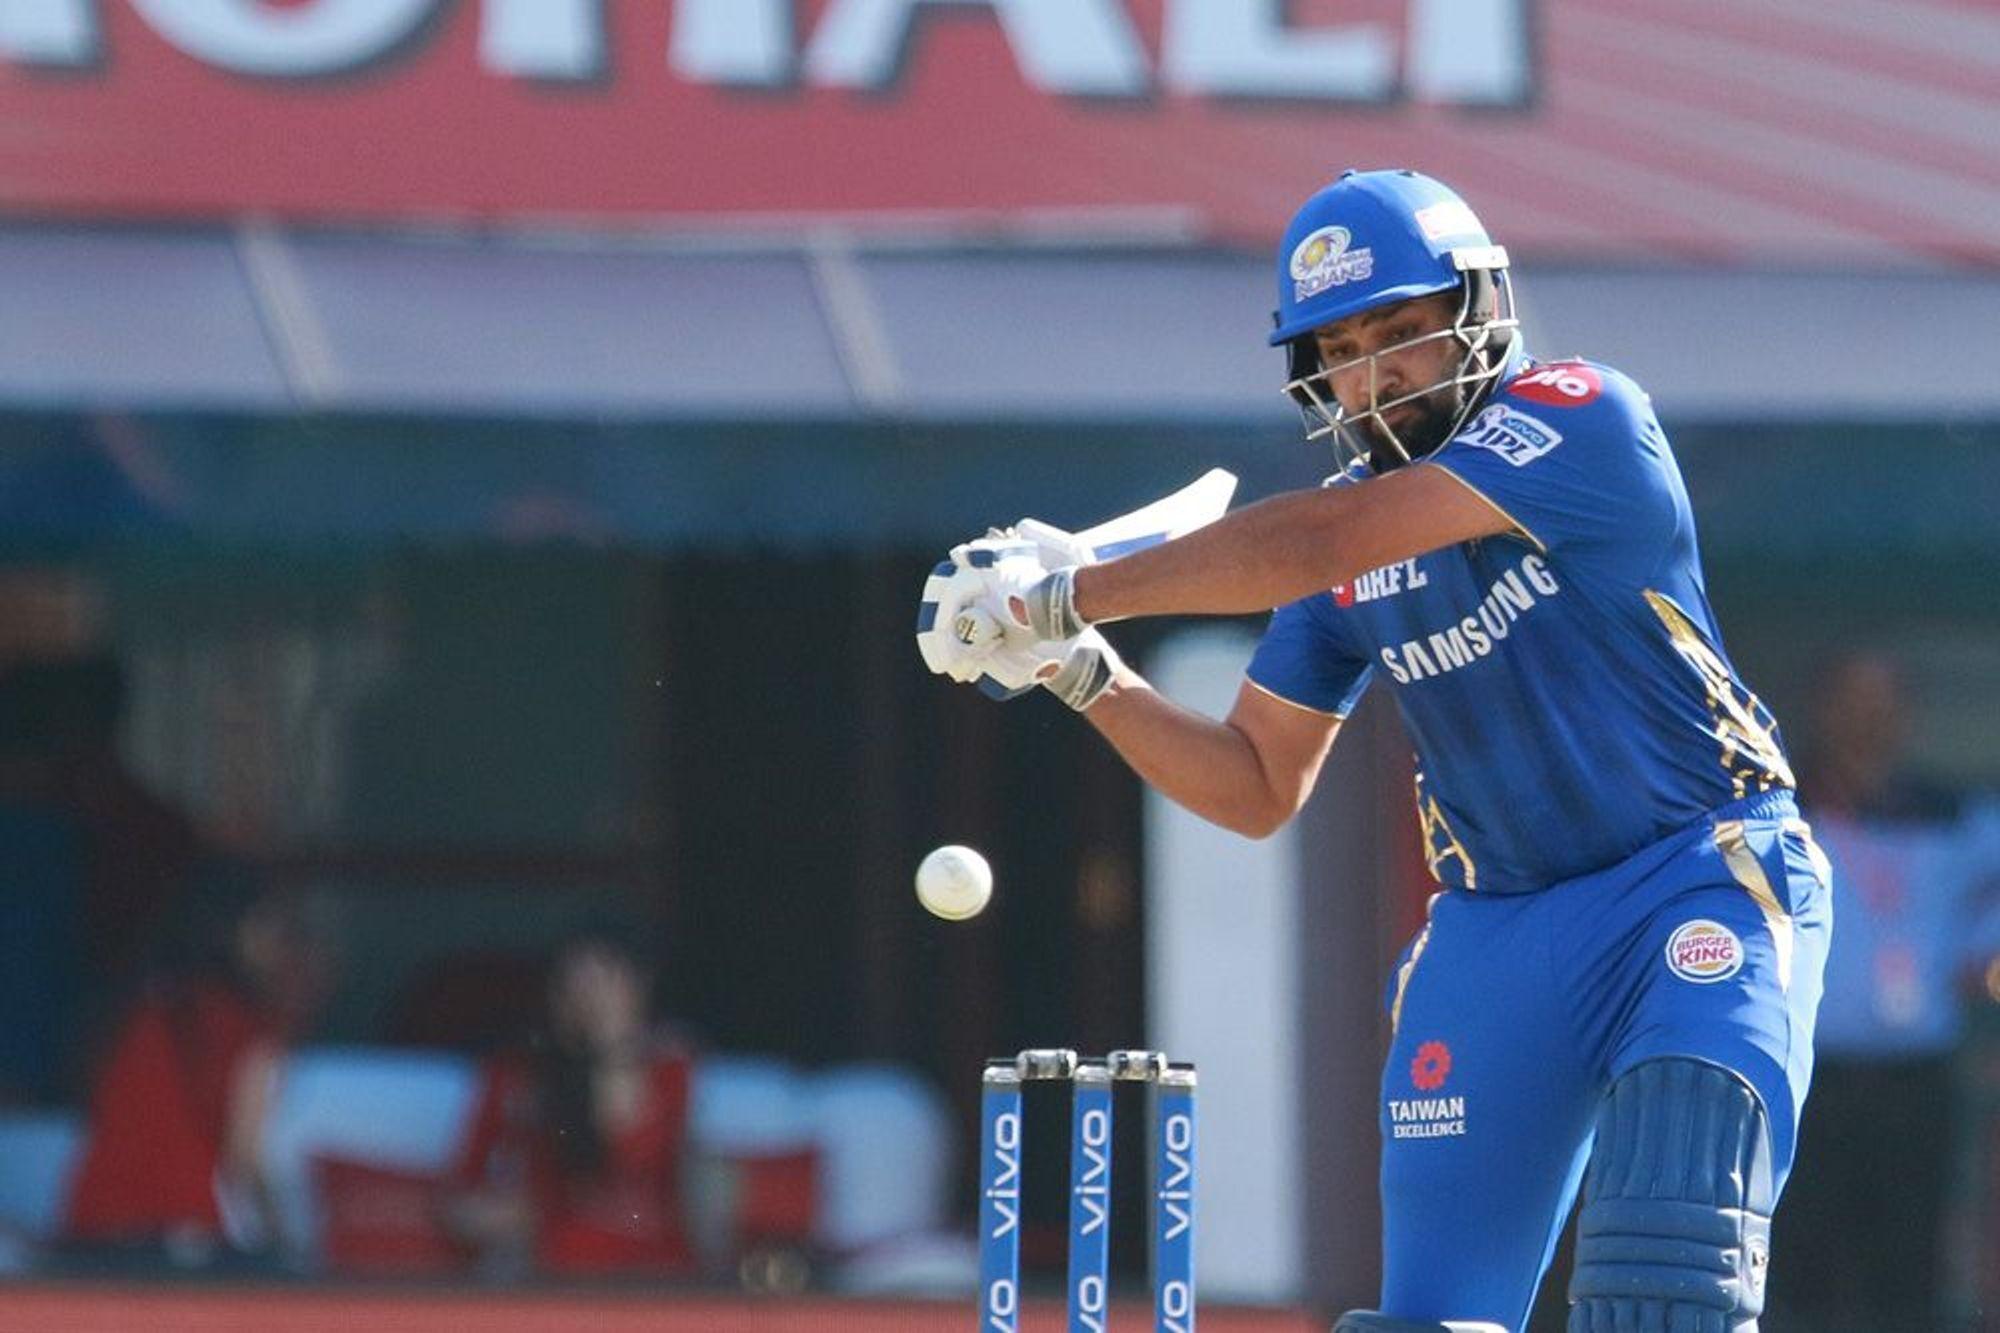 IPL 2019: रोहित शर्मा नहीं तोड़ सके सुरेश रैना का ऐतिहासिक रिकॉर्ड, अब लंबे समय तक कायम रहेगा रैना का ये रिकॉर्ड 2